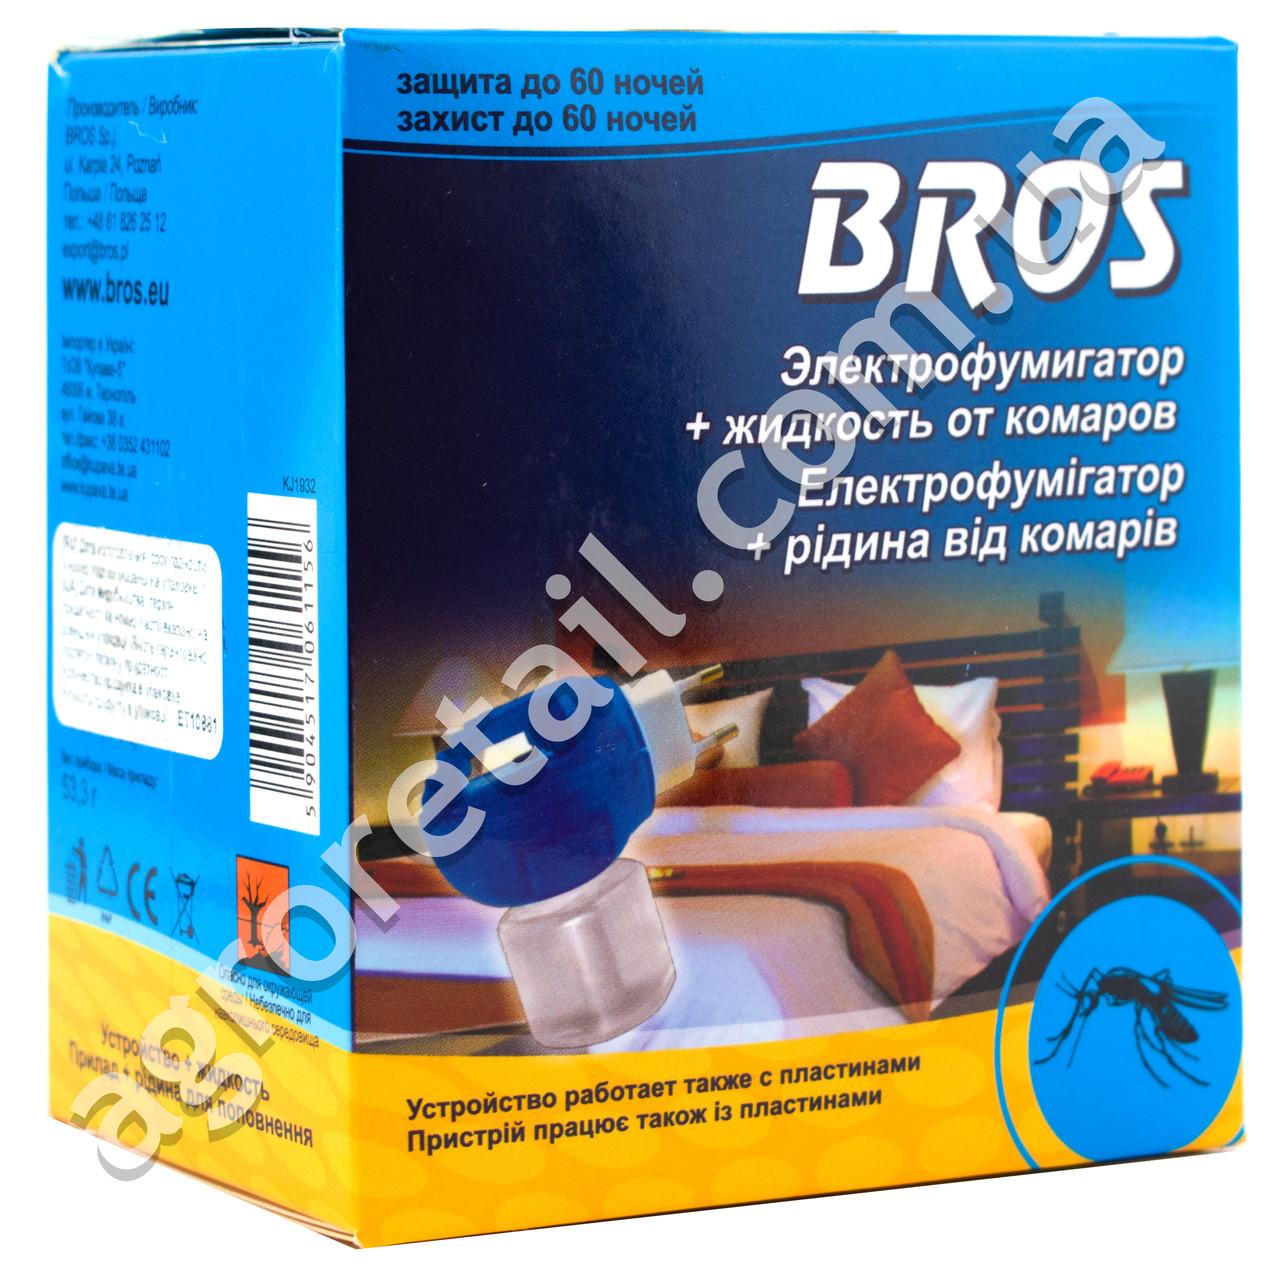 Электрофумигатор + жидкость от комаров Bros